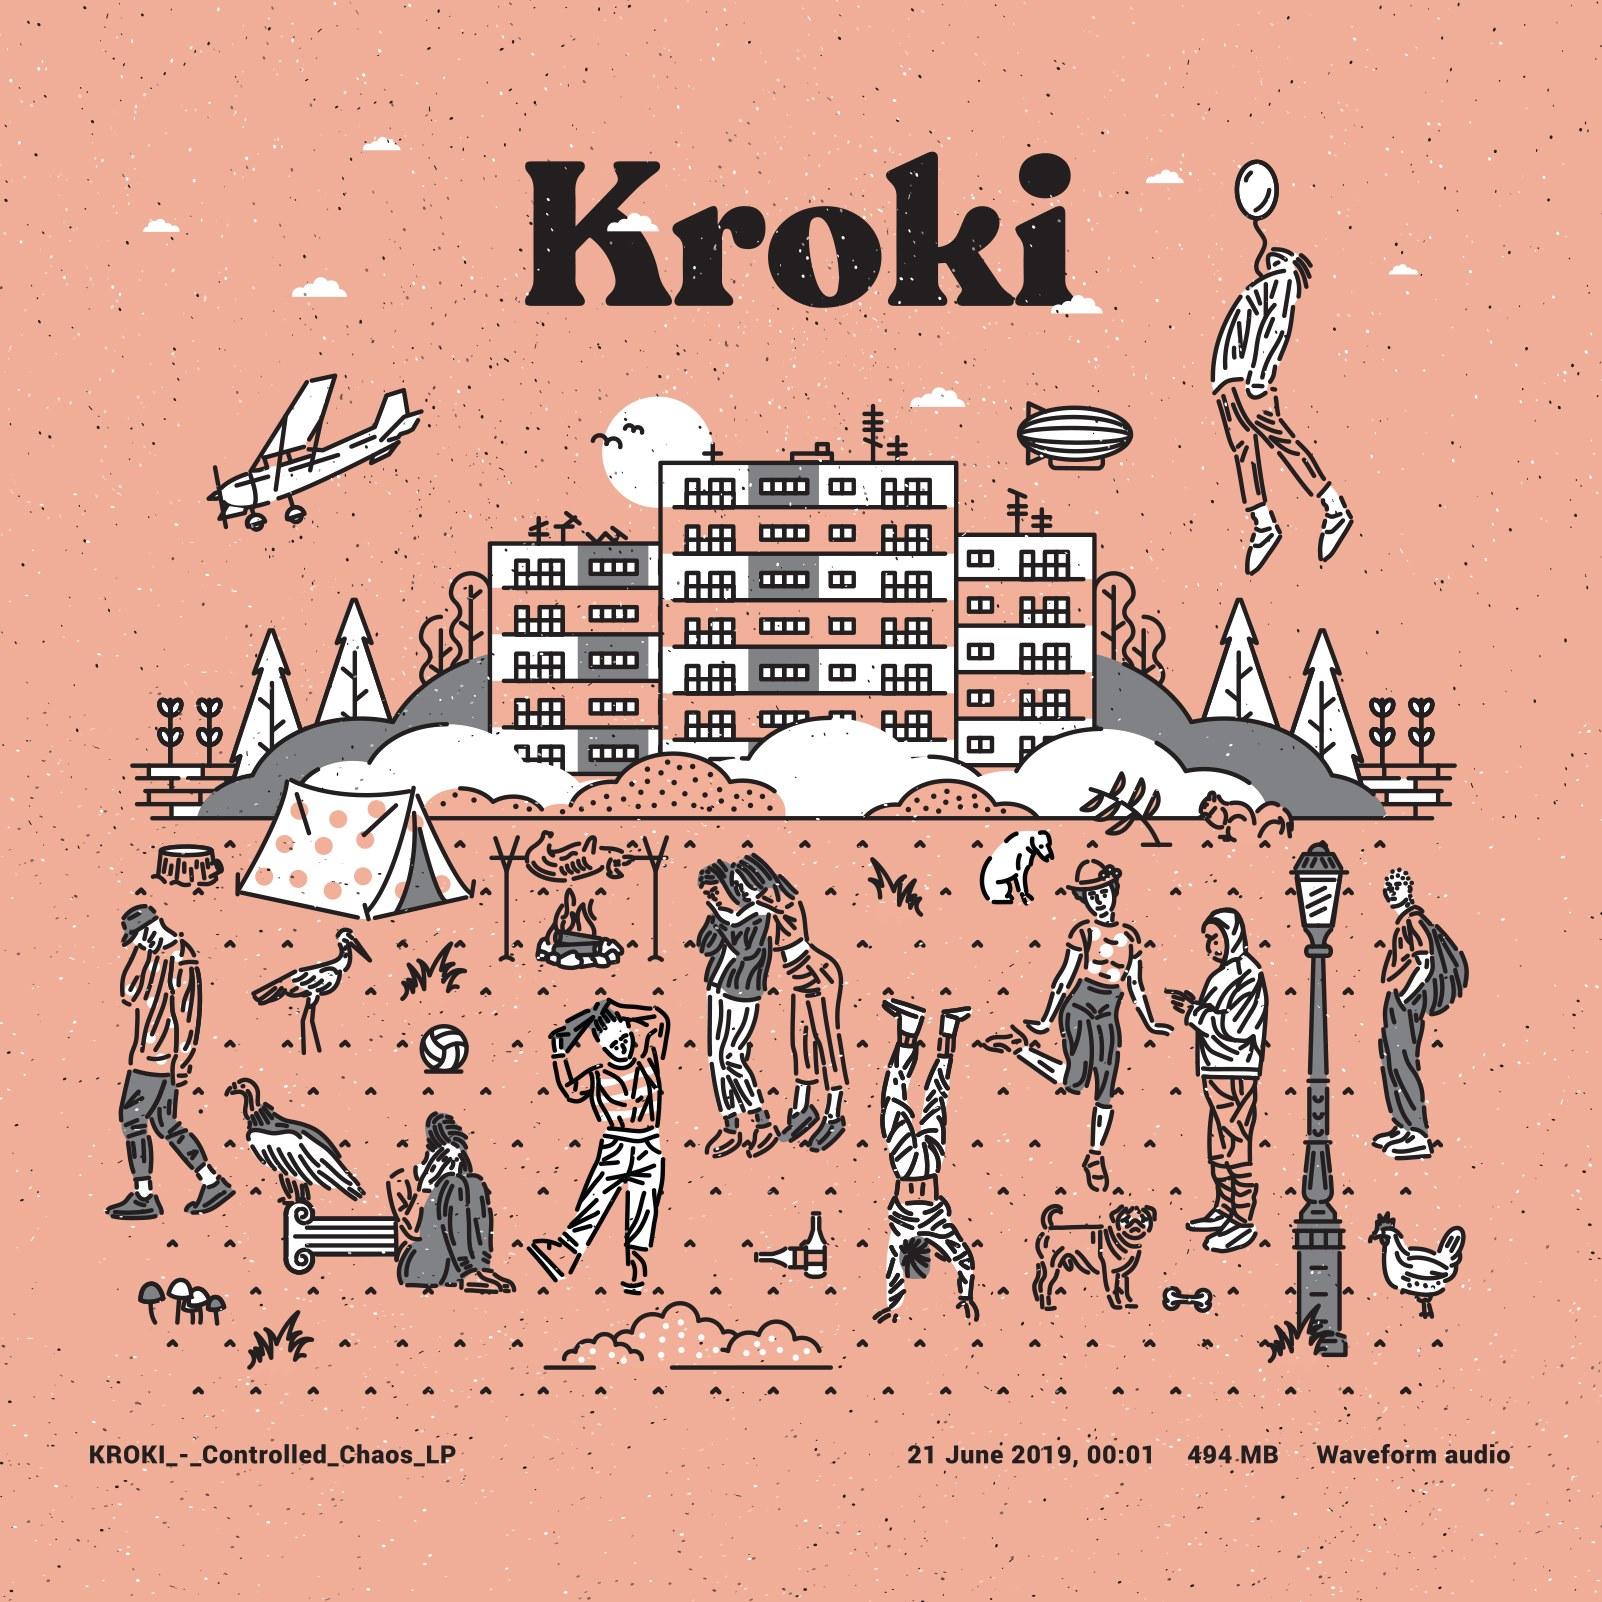 Kroki - Controlled chaos